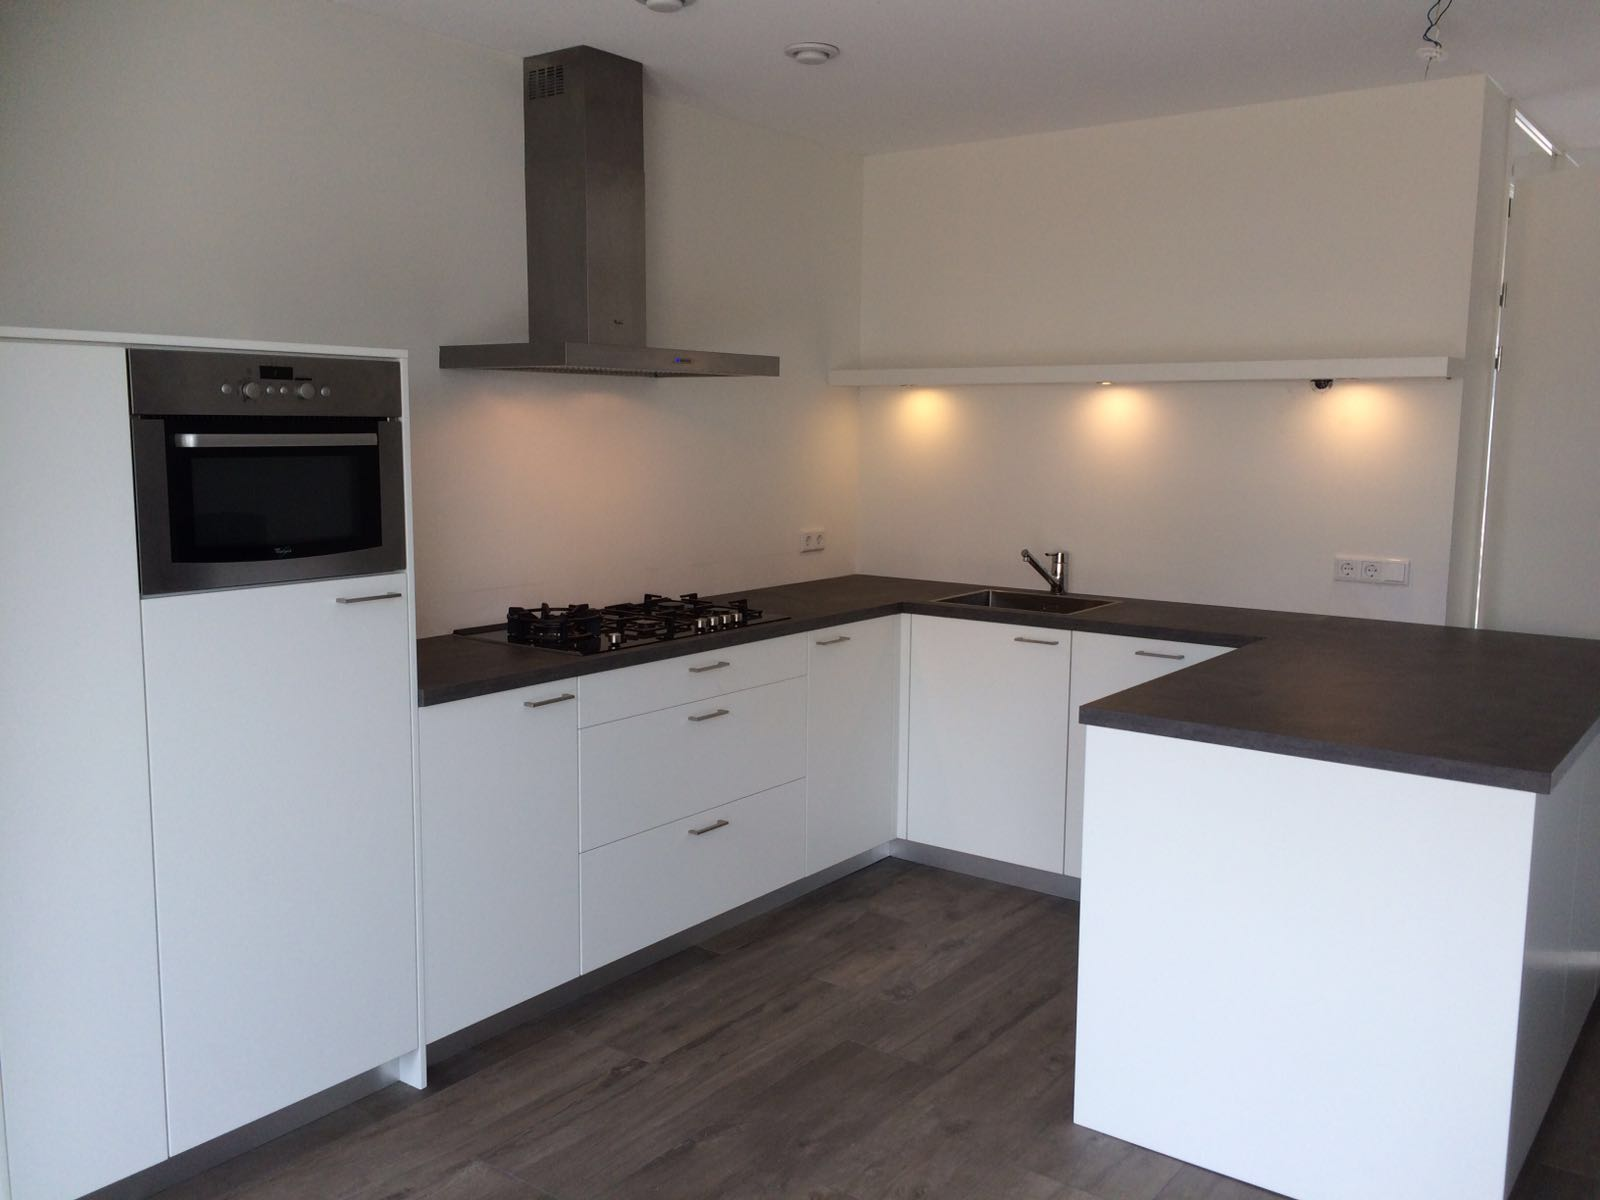 Strakke Witte Keuken : Strakke keuken wit van doren maatinterieurs